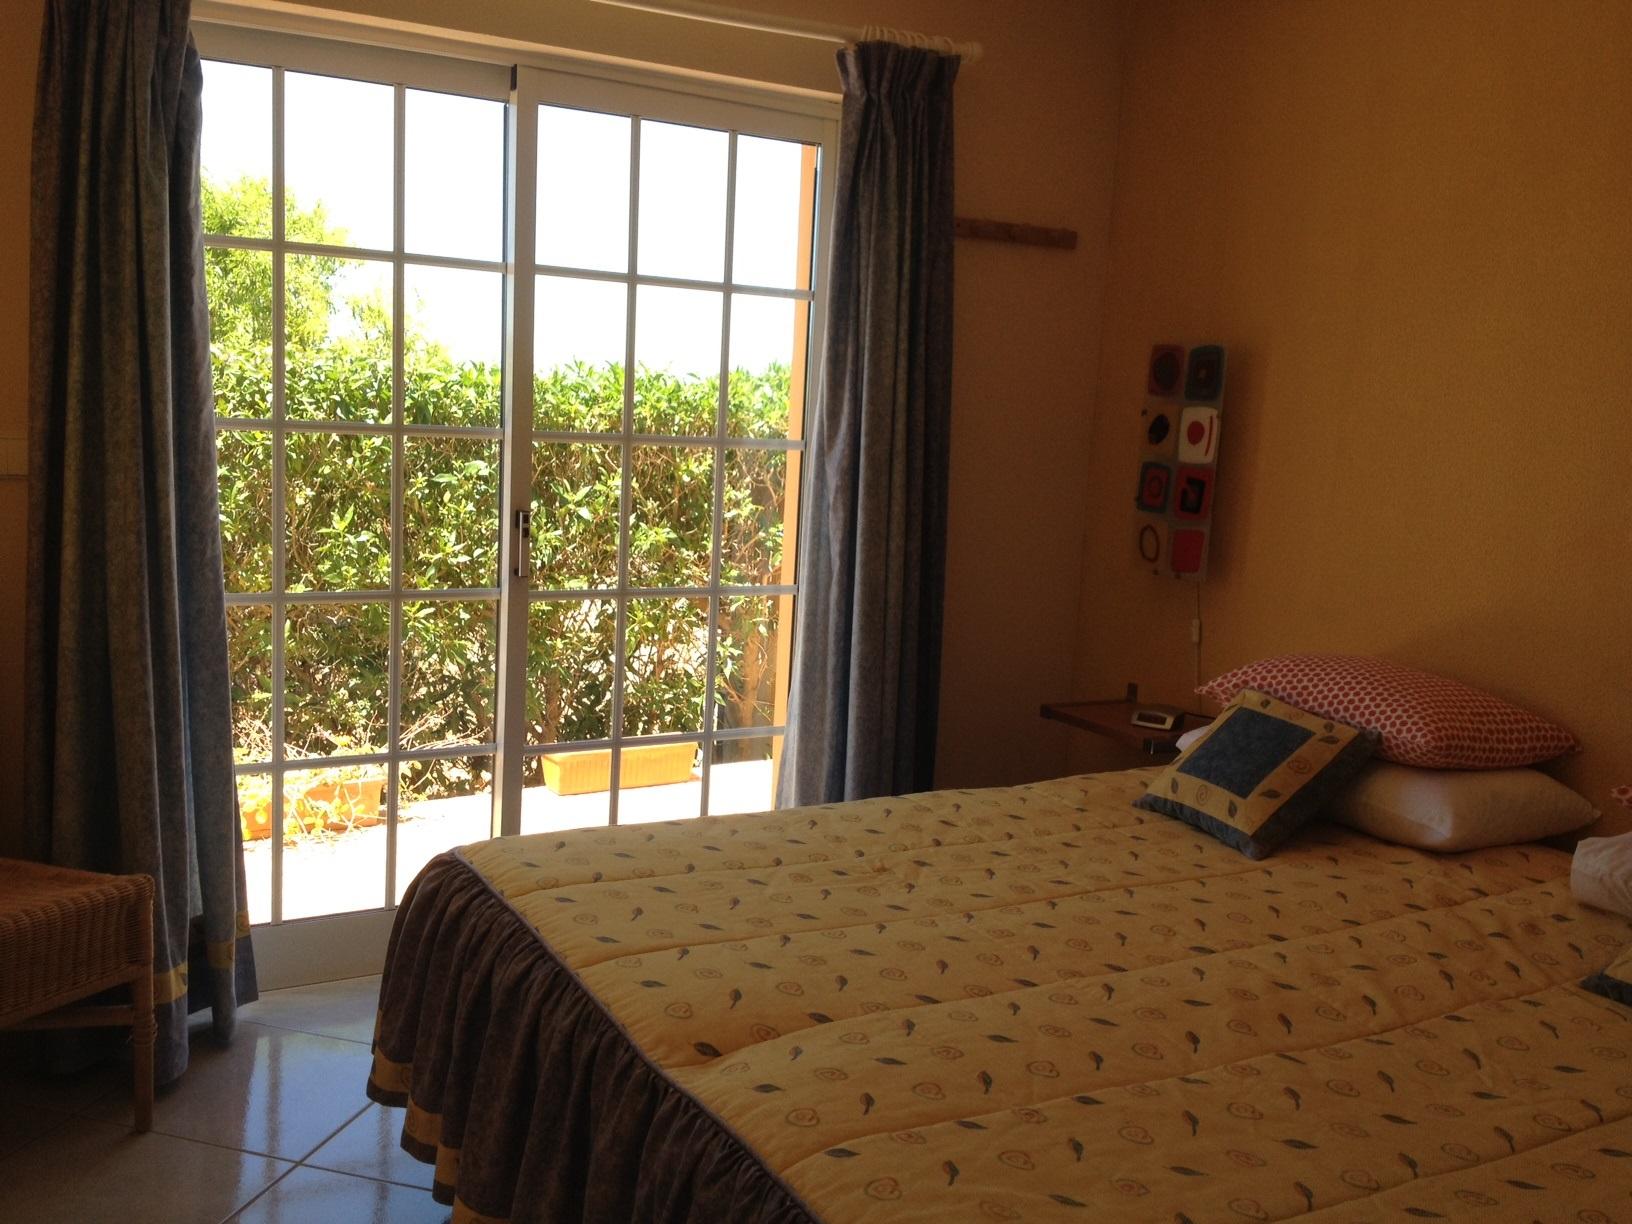 Ferienhaus Bungalow, im schönen Garten ein Pool auch für die 2 Wohnungen, sehr ruhiger Ort (2377732), Luz, , Algarve, Portugal, Bild 6